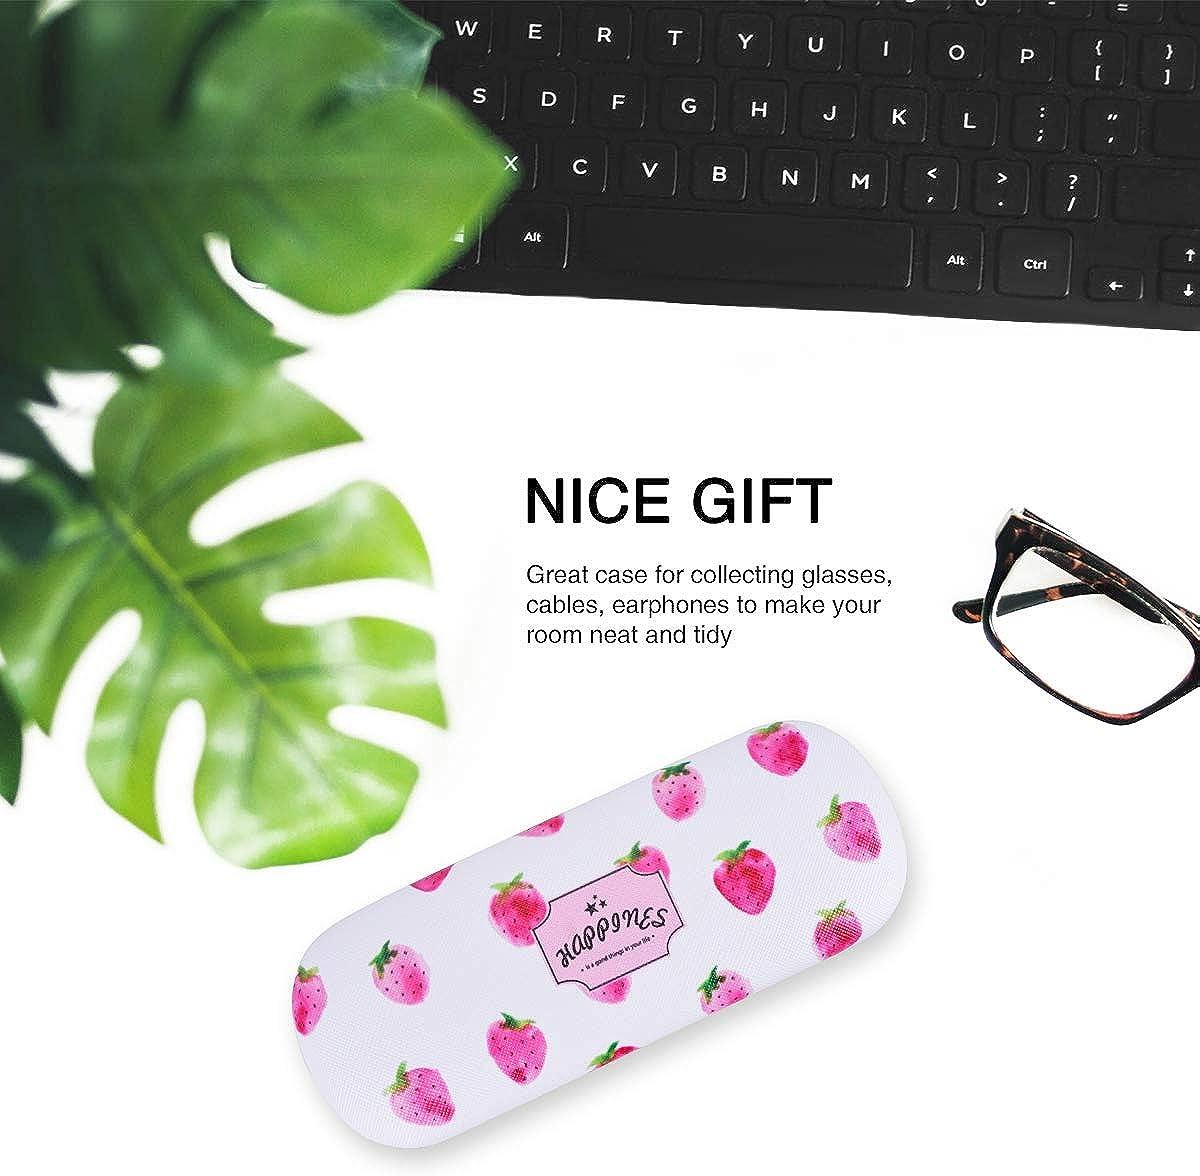 6.2 LegendTech Brillenetui Tragbar Brillenetui Hardcase Brillenbox mit Sch/önes Erdbeer-Muster Leichtes Weiches Futter mit Rutschfestem Griff f/ür Damen Herren die Lagerung 16.5 3.9cm Rosa